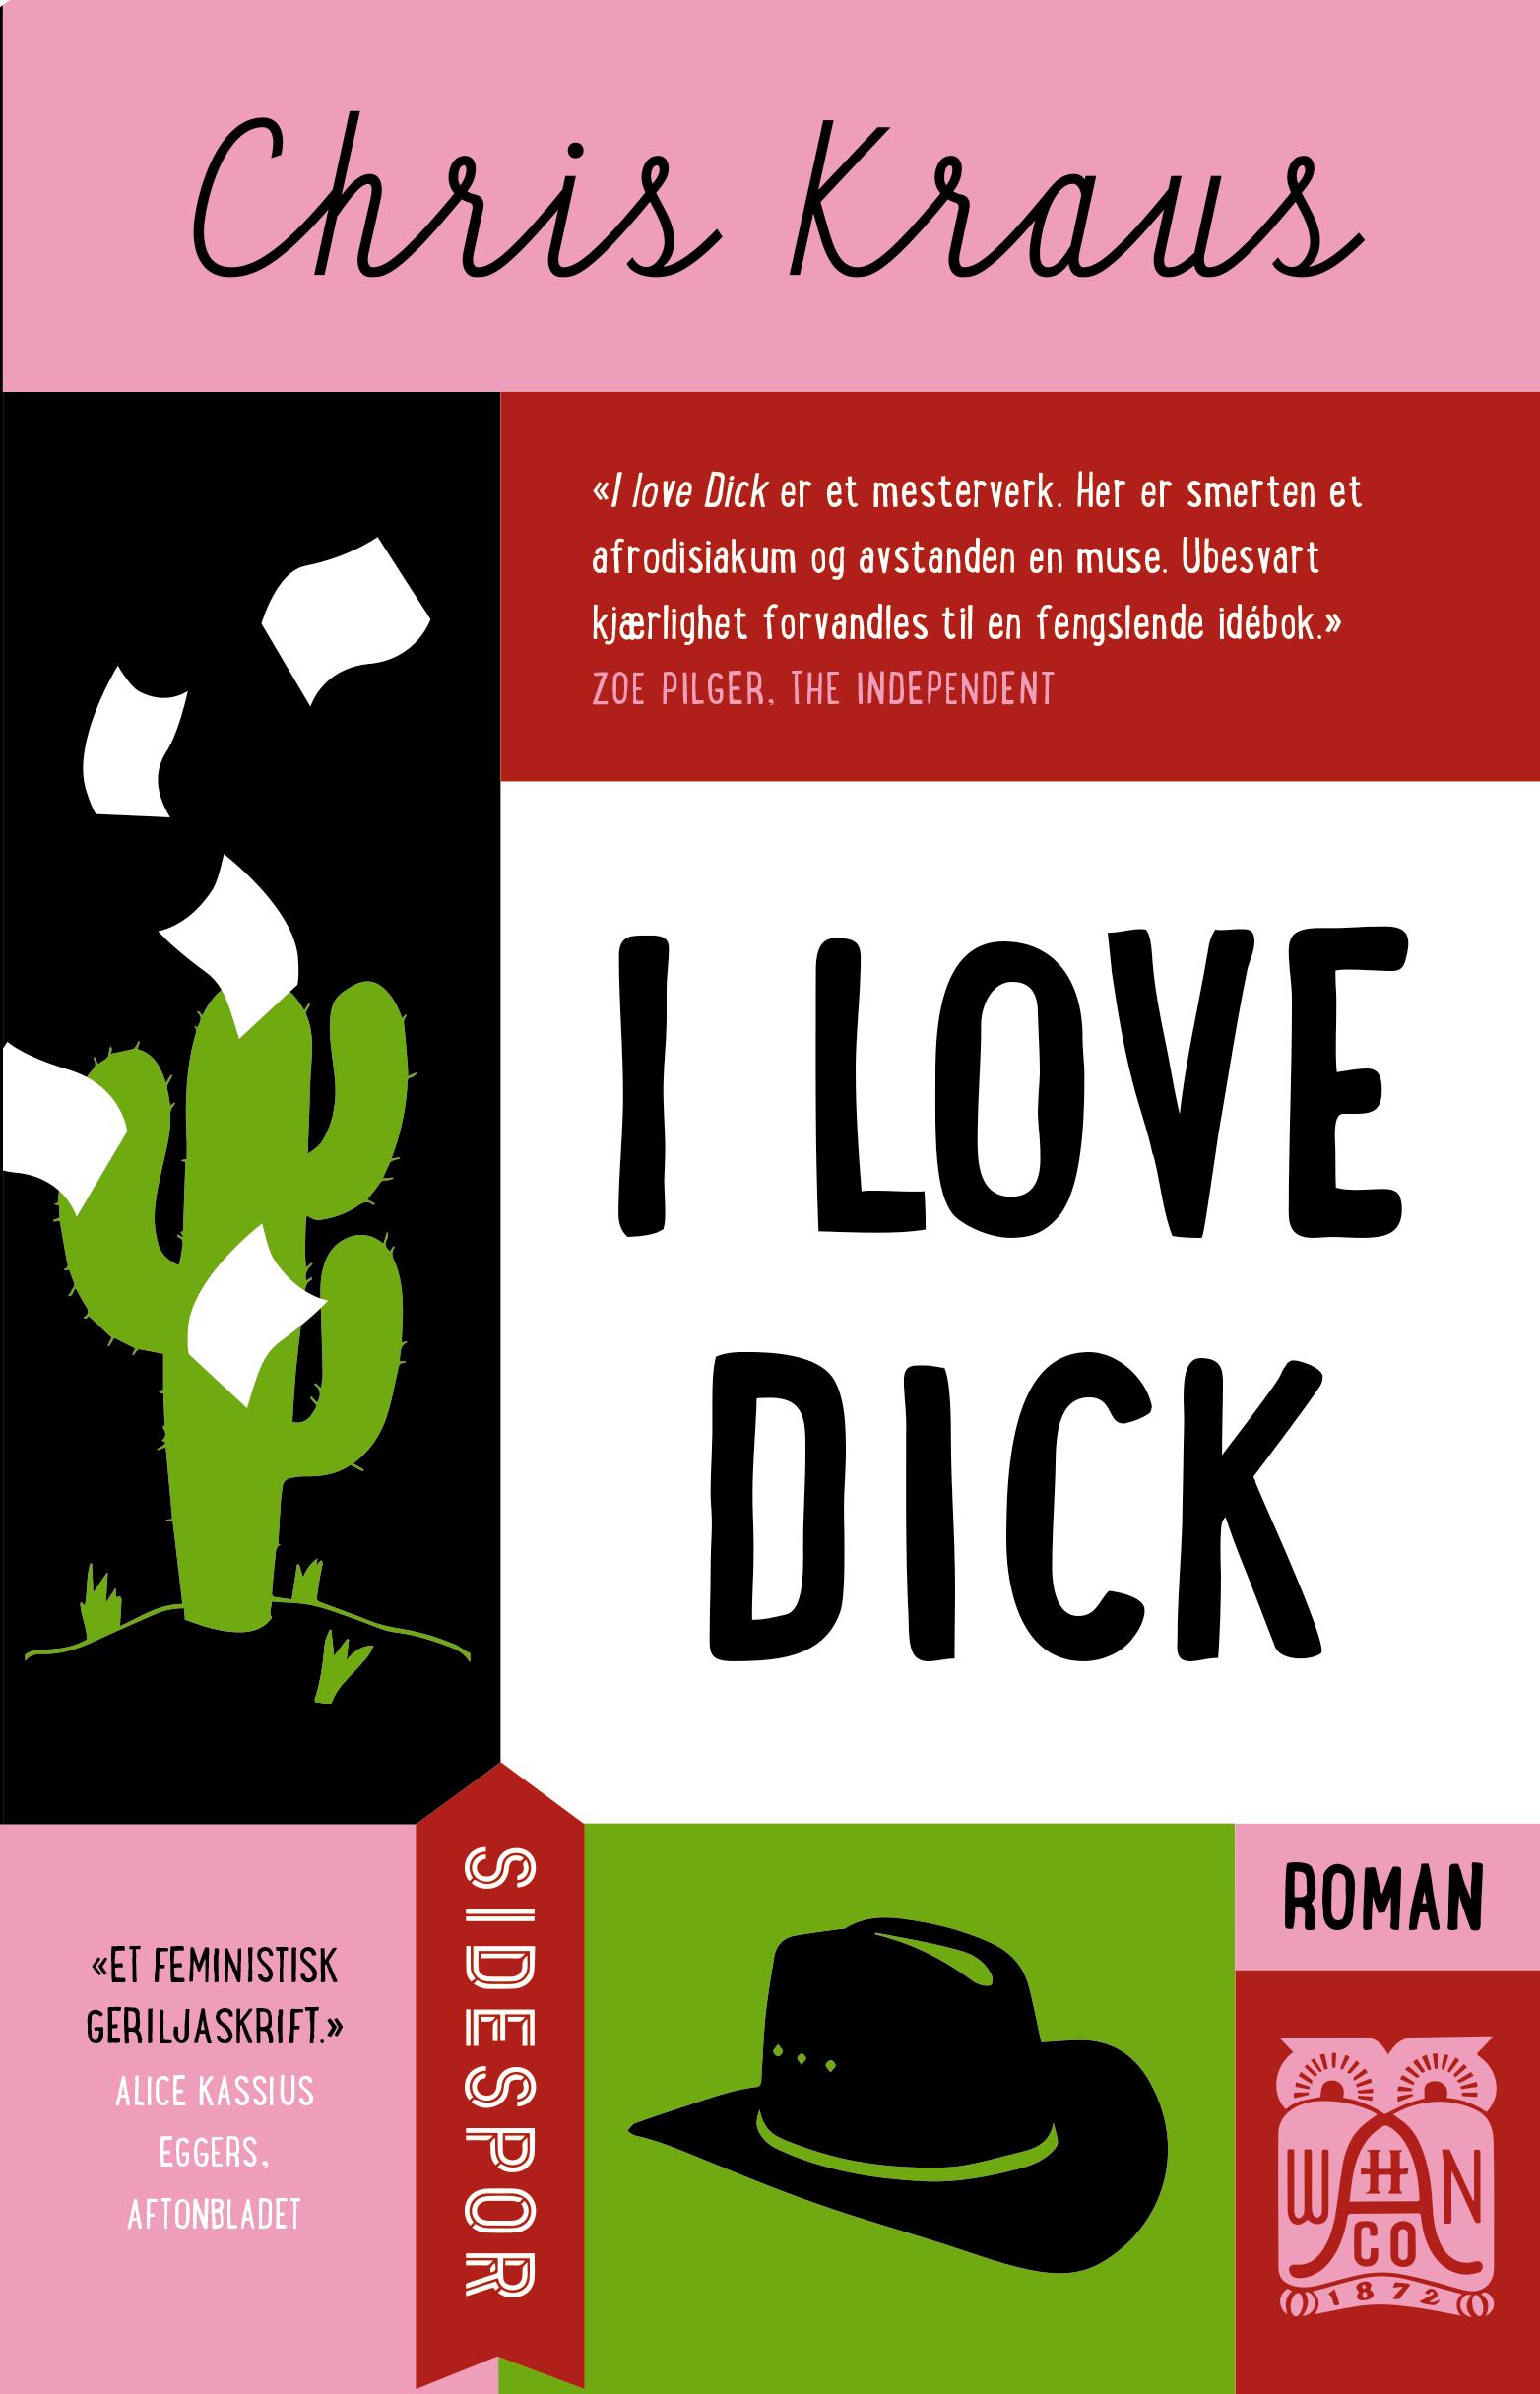 hvorfor er store dicks bedre